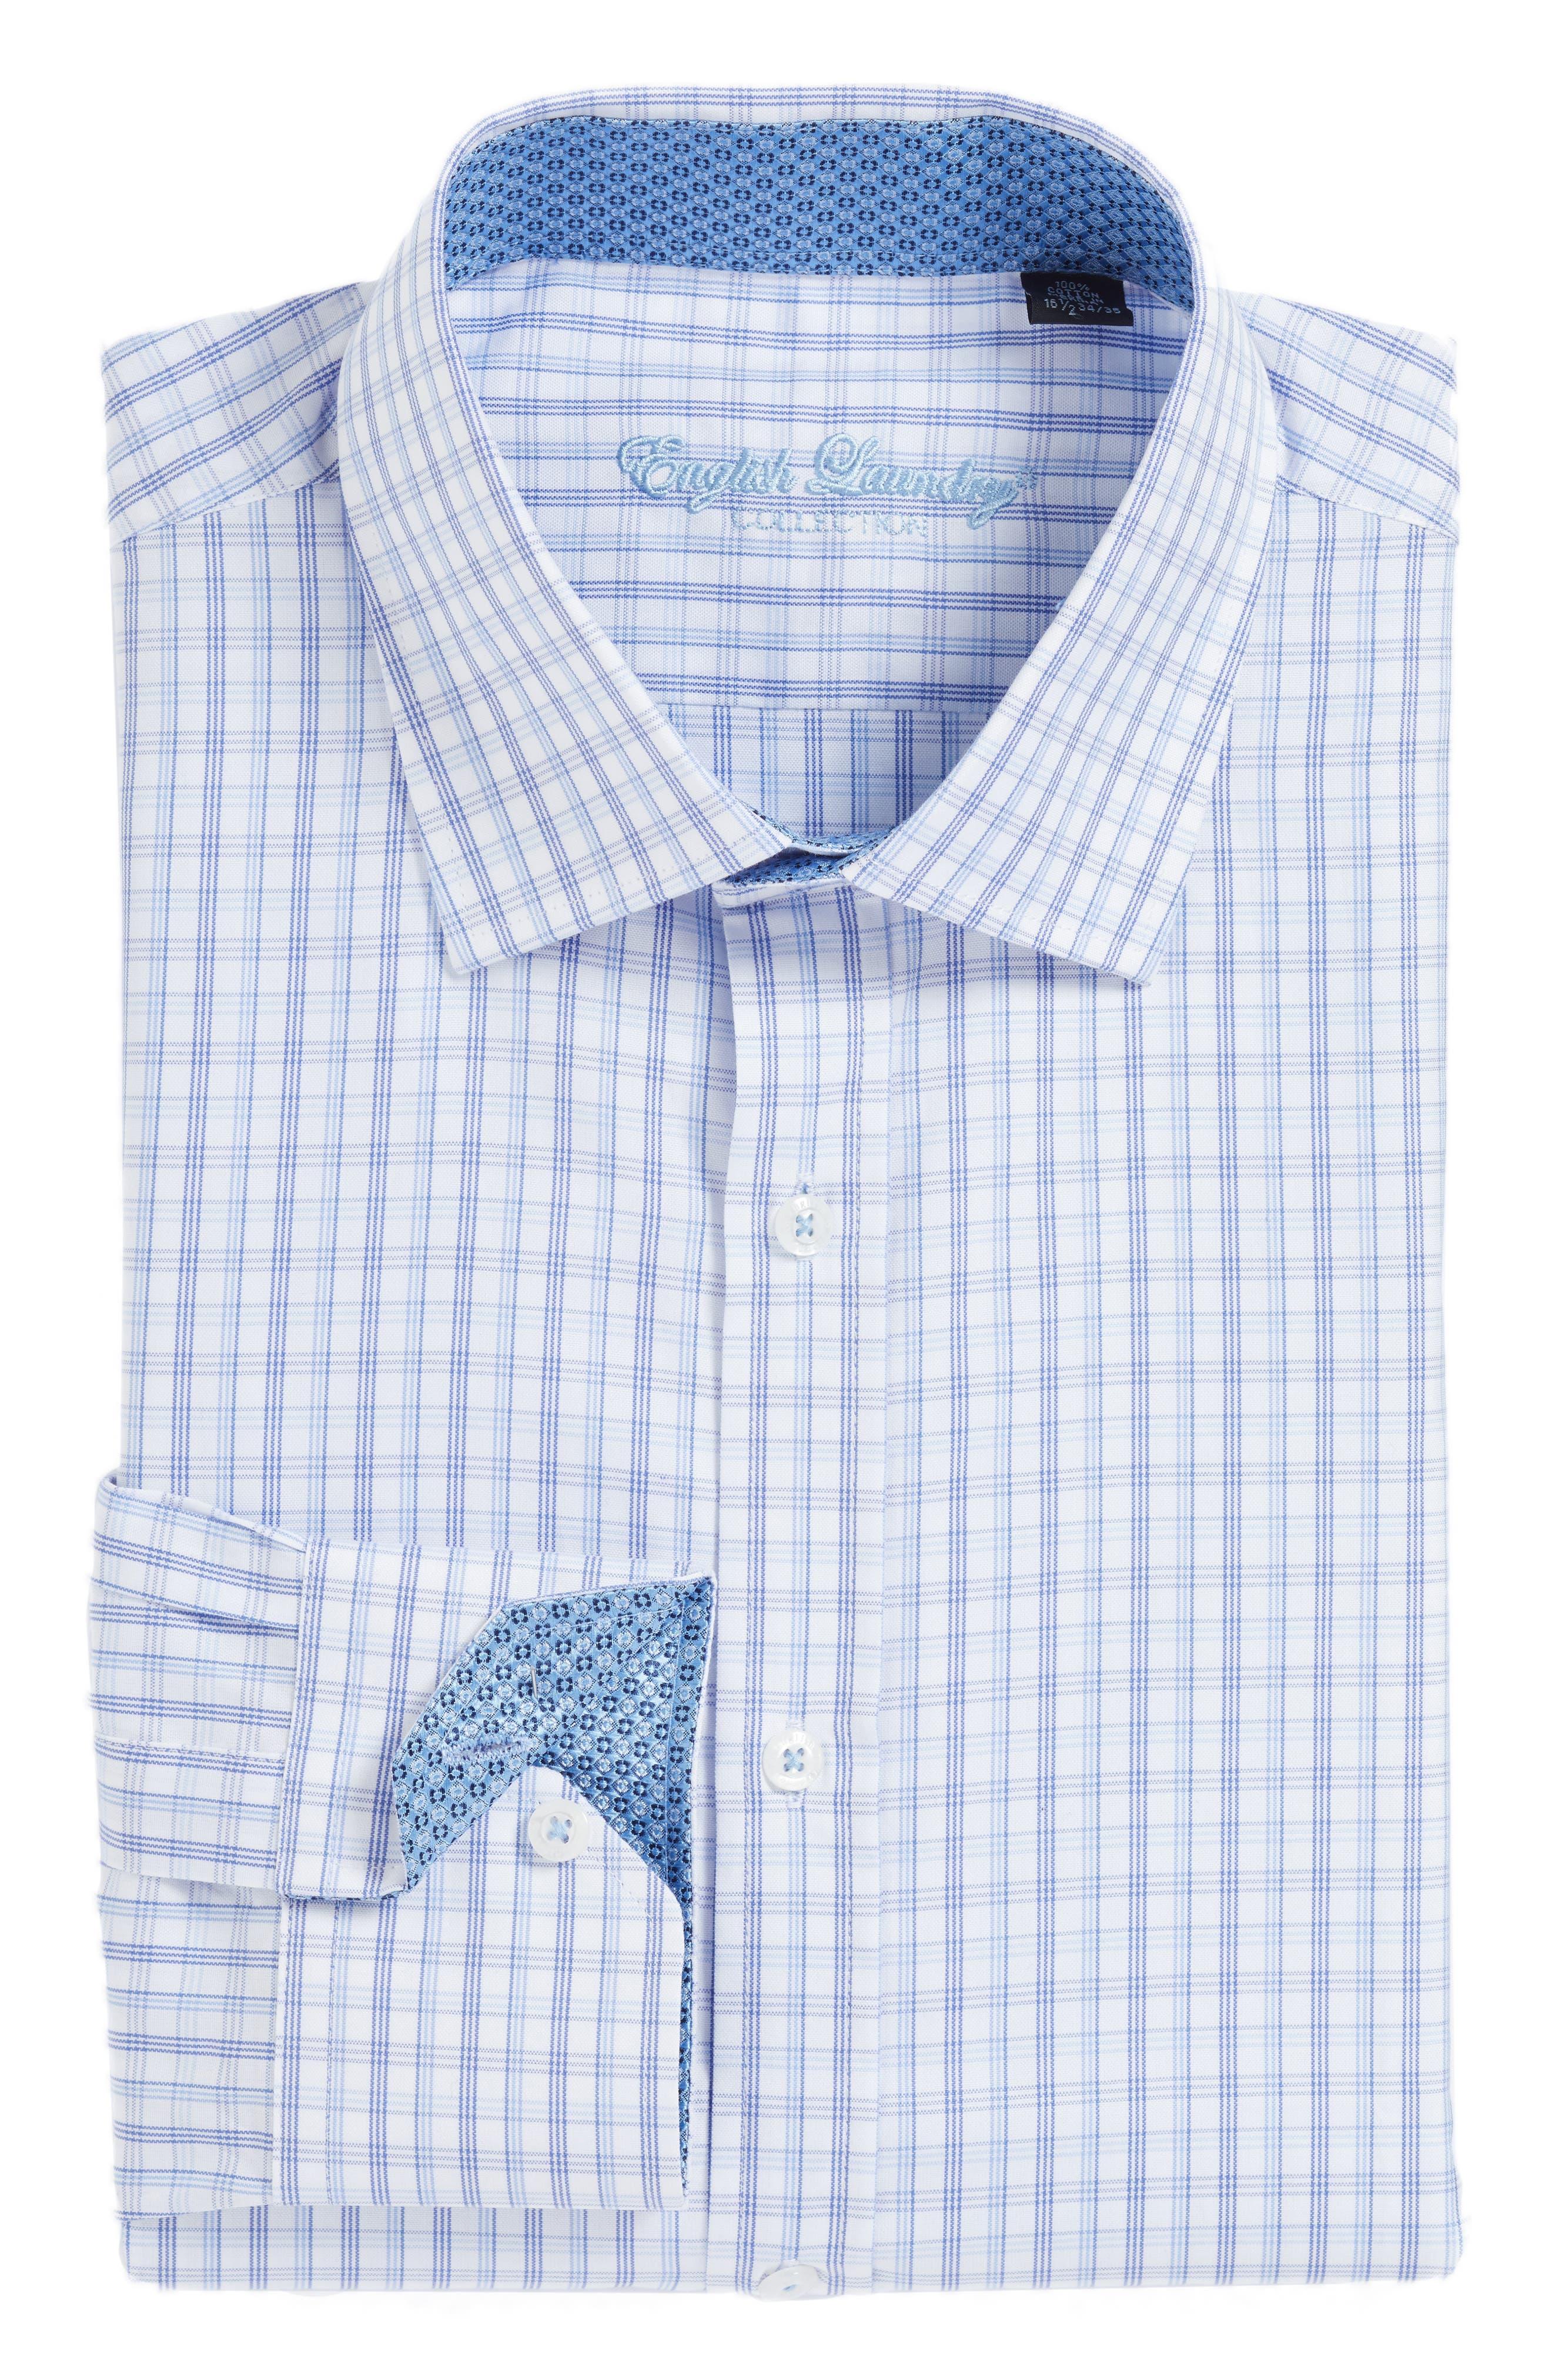 English Laundry Trim Fit Plaid Dress Shirt